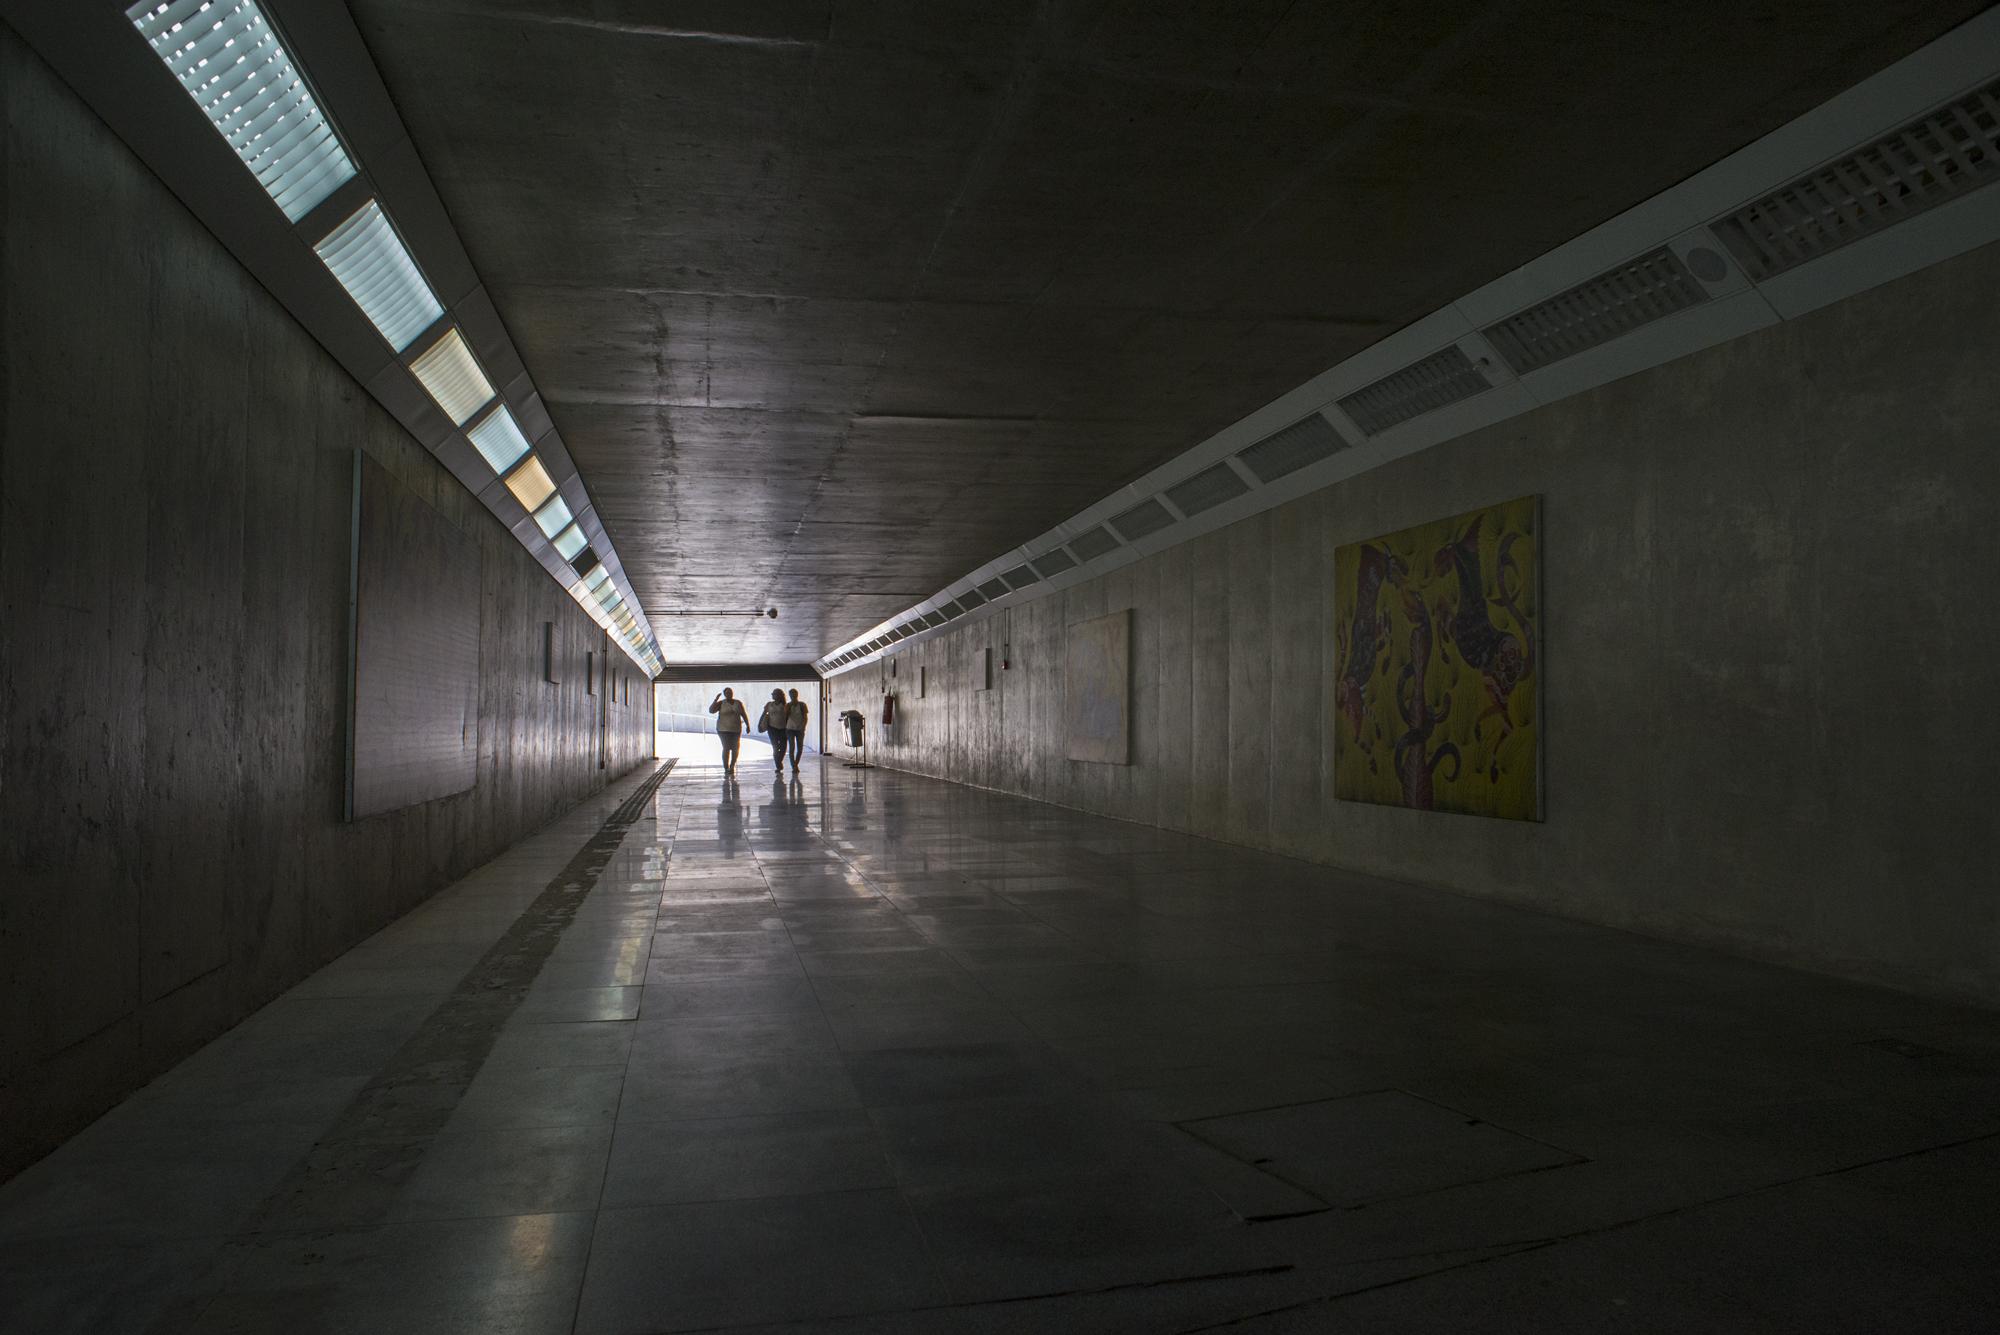 O documento, consultado pela Assessoria de Comunicação do Metrofor, é propriedade da Associação dos Engenheiros da Rede Viação Cearense.